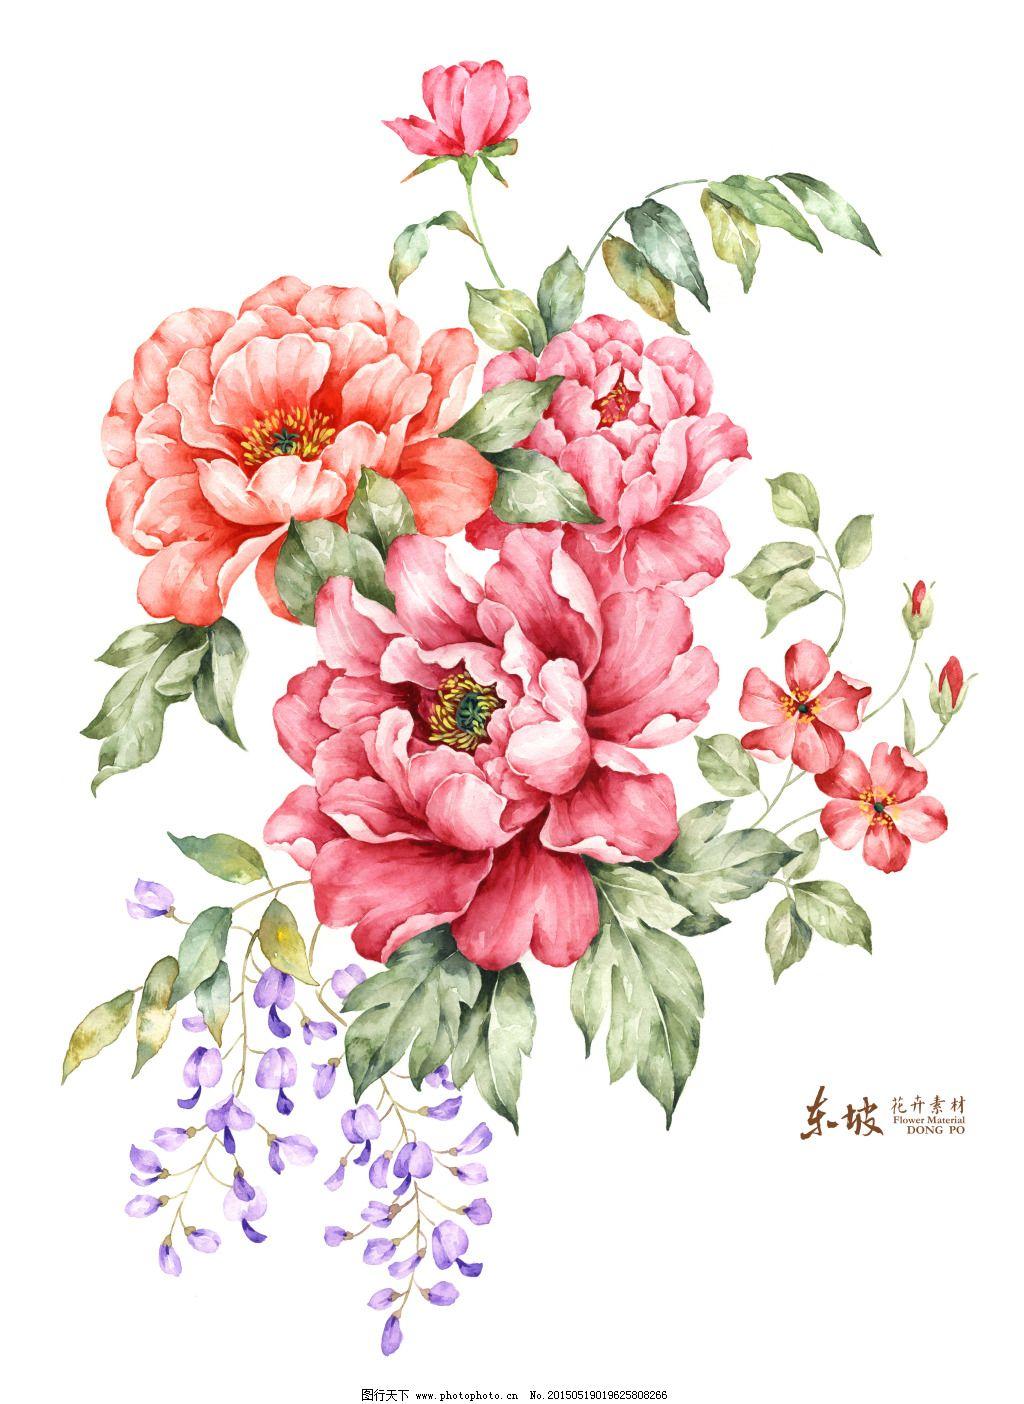 电视背景 牡丹花 手绘花卉 牡丹花 手绘花卉 电视背景 红紫 图片素材